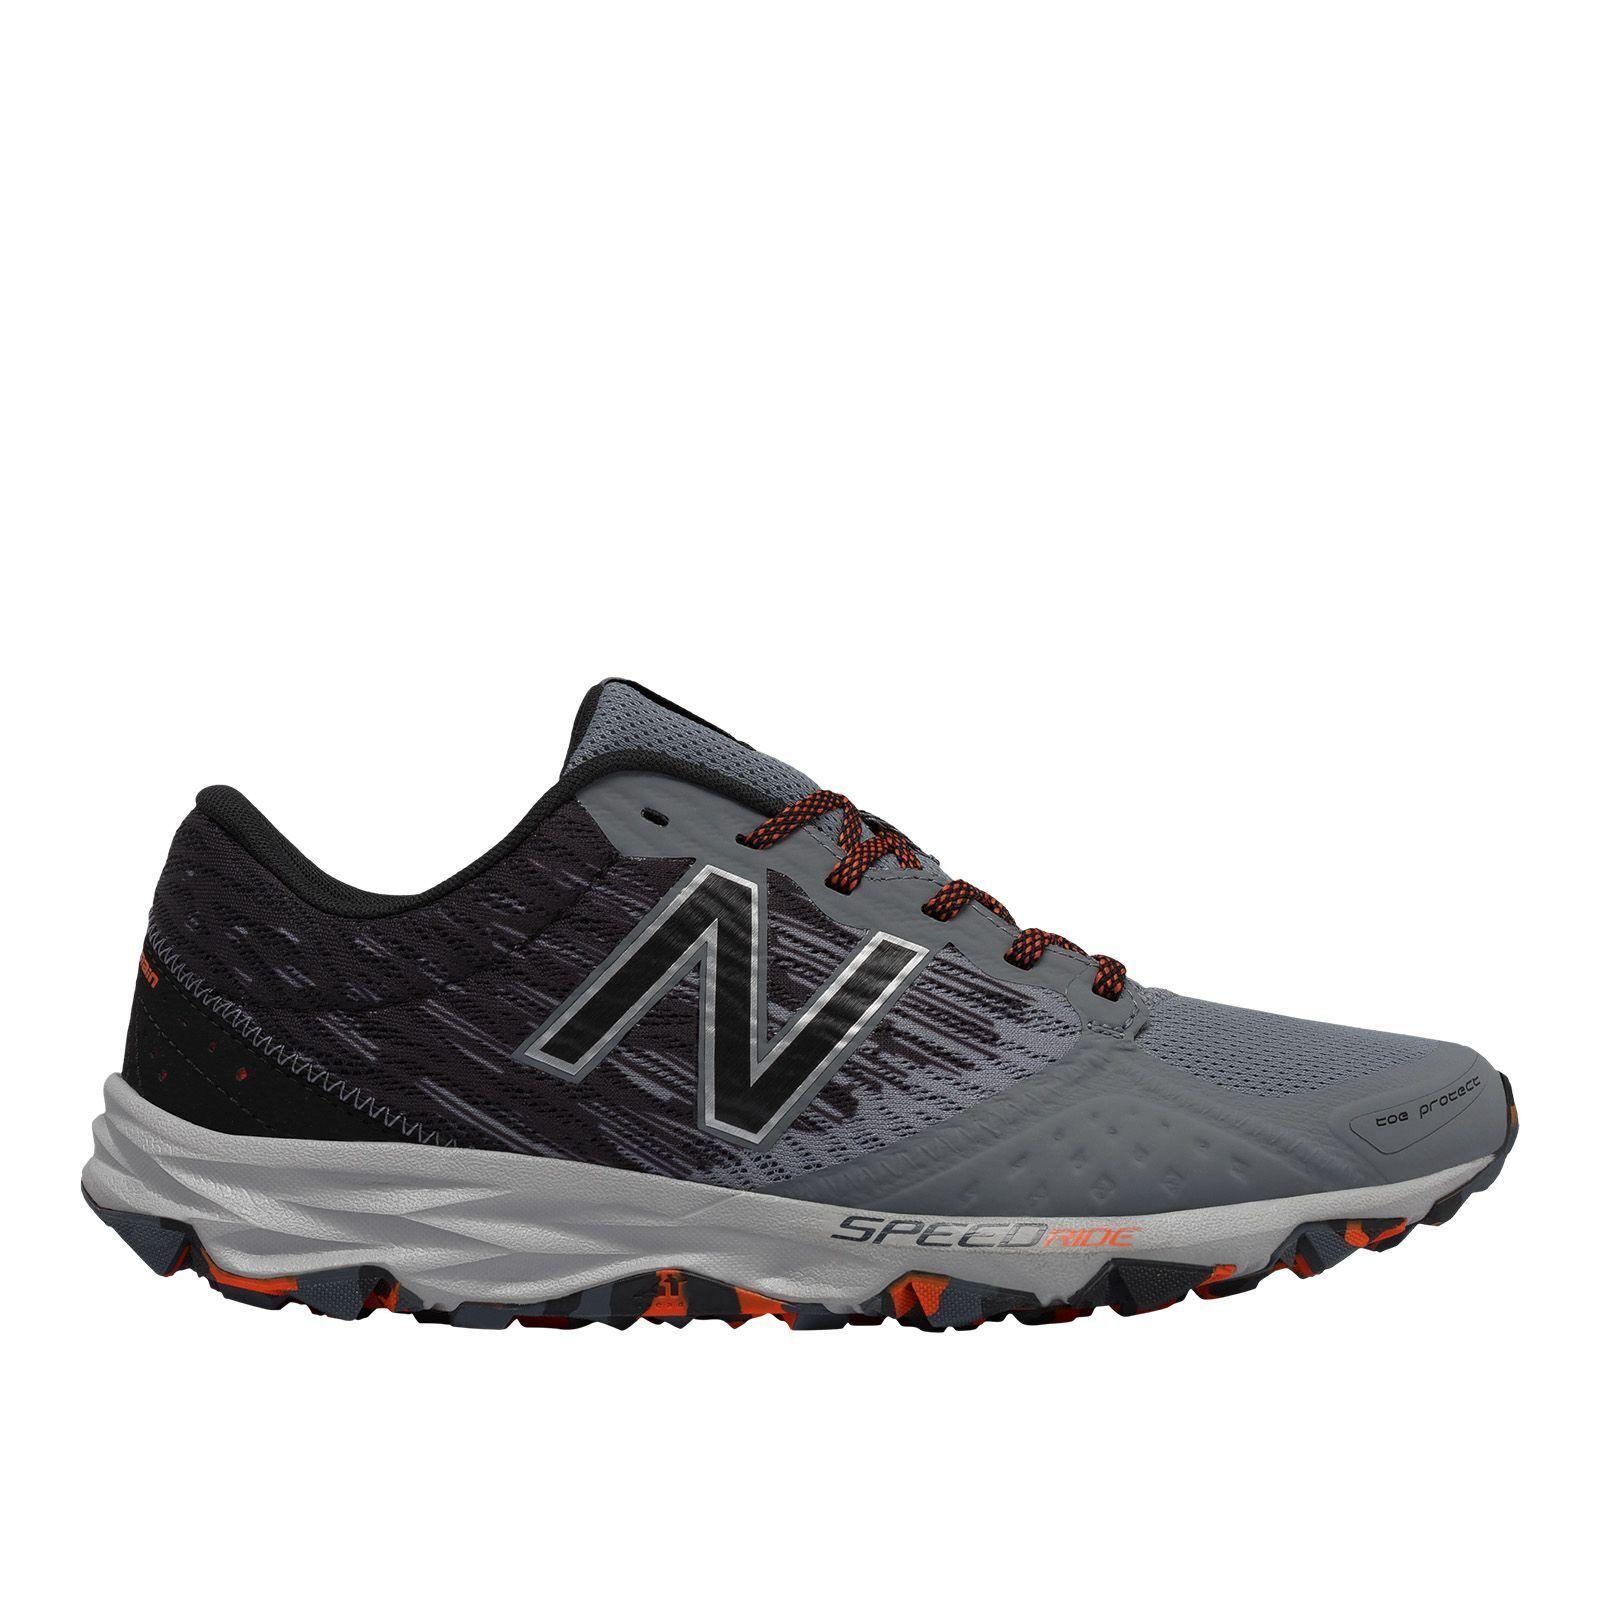 Men's New Balance T690V2 Running Shoe Gunmetal Size 9.5 #NJN5U-530